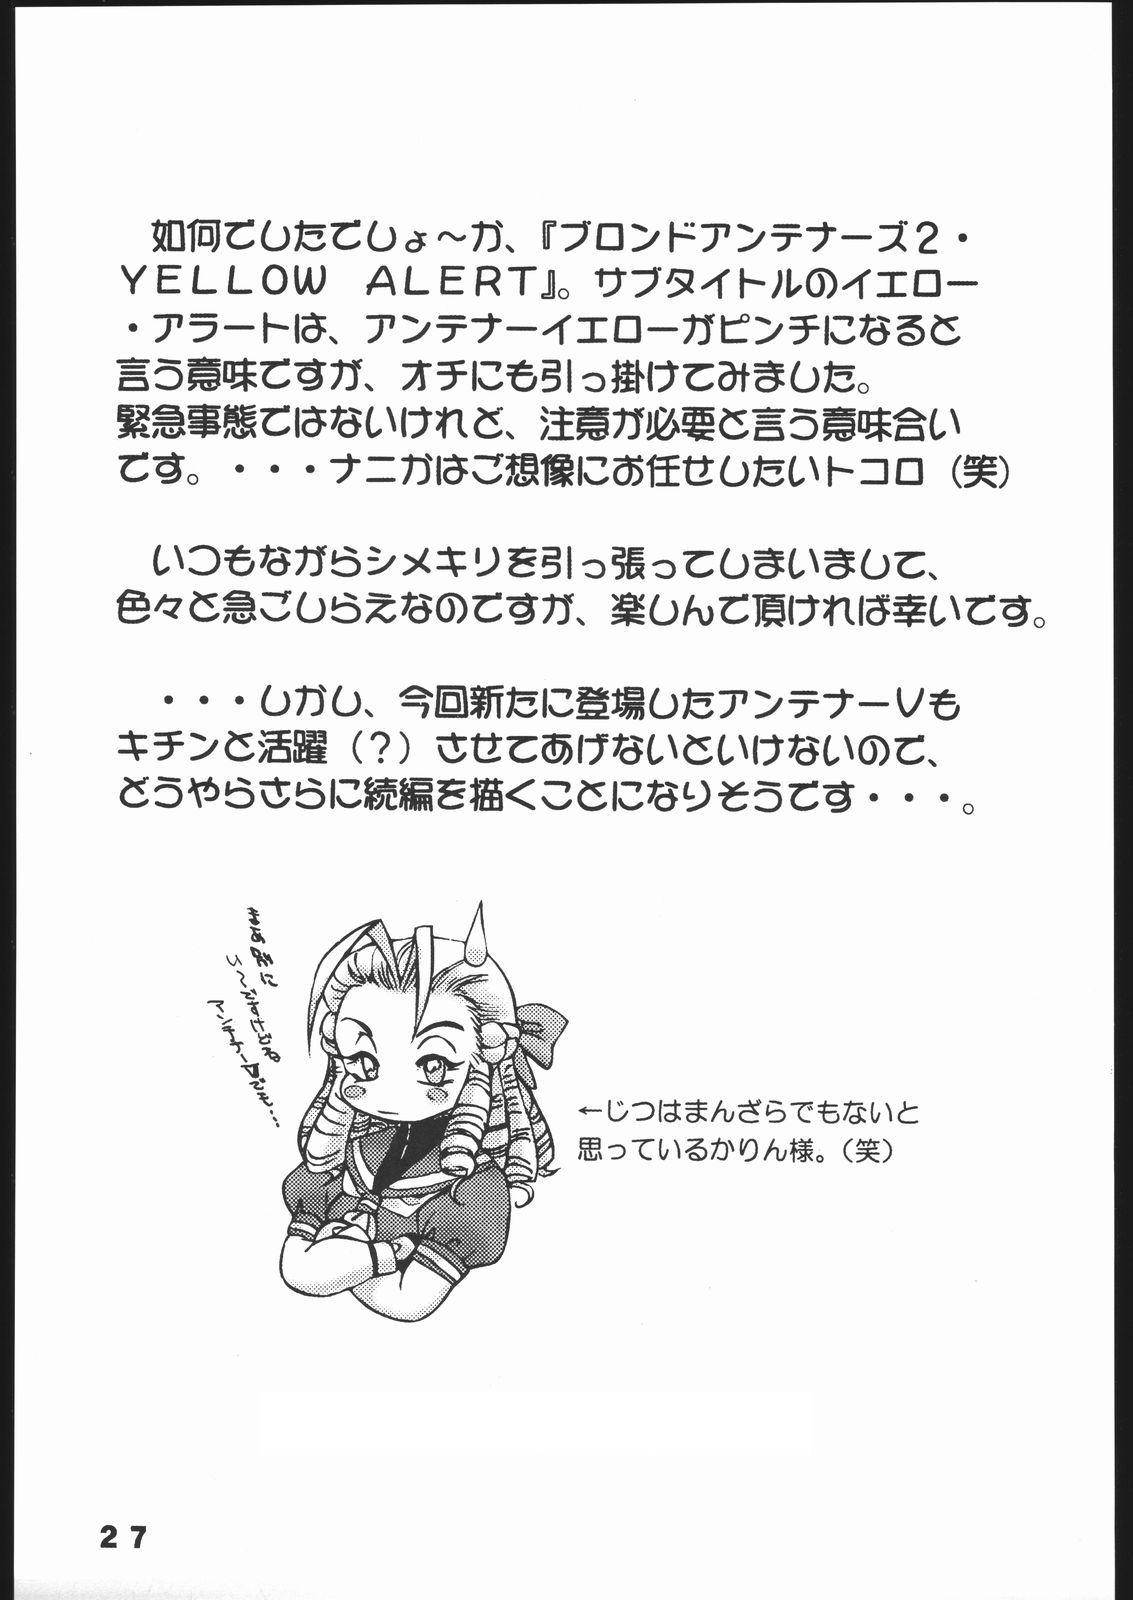 Nousatsu Sentai Blonde Antennas 2 - Yellow Alert 25